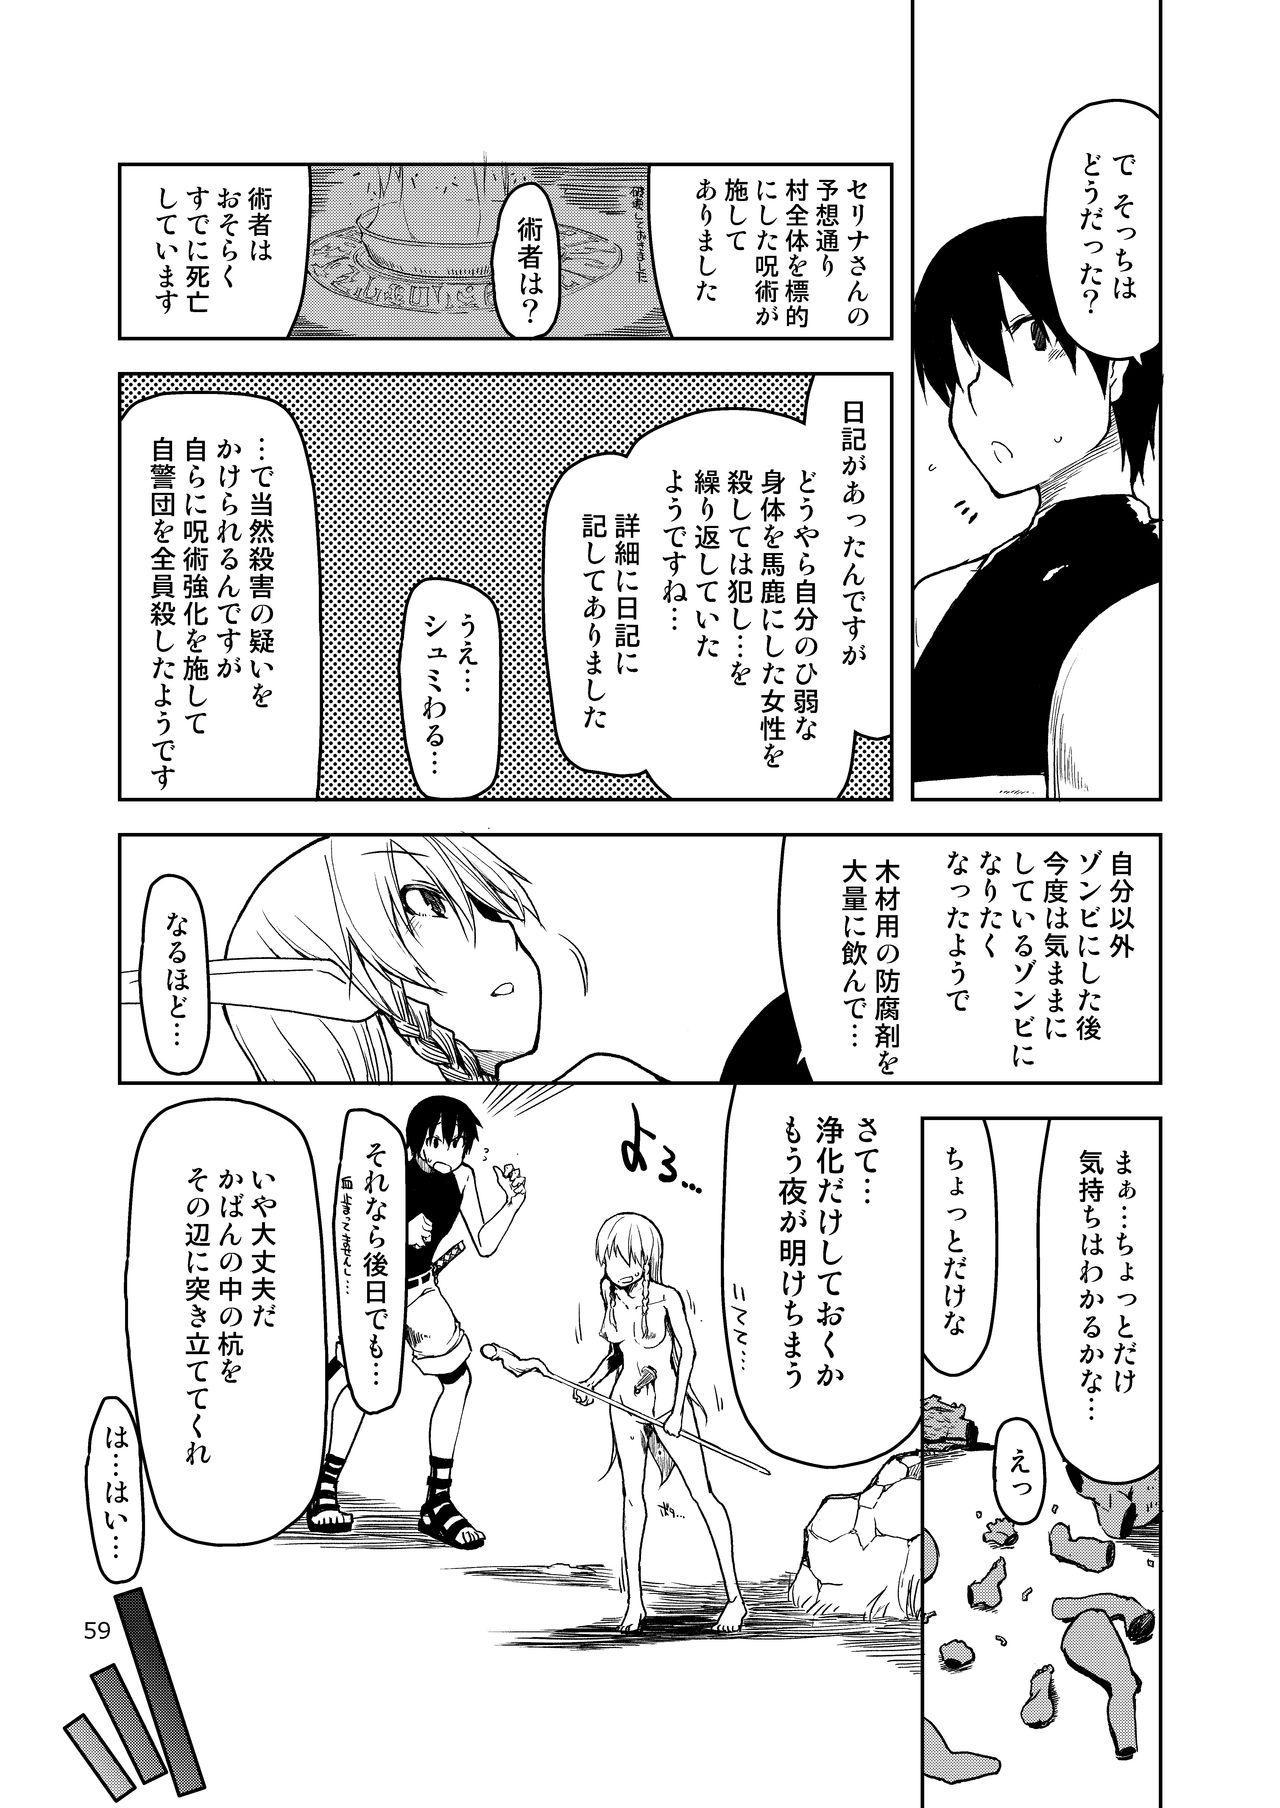 Dosukebe Elf no Ishukan Nikki Matome 2 59